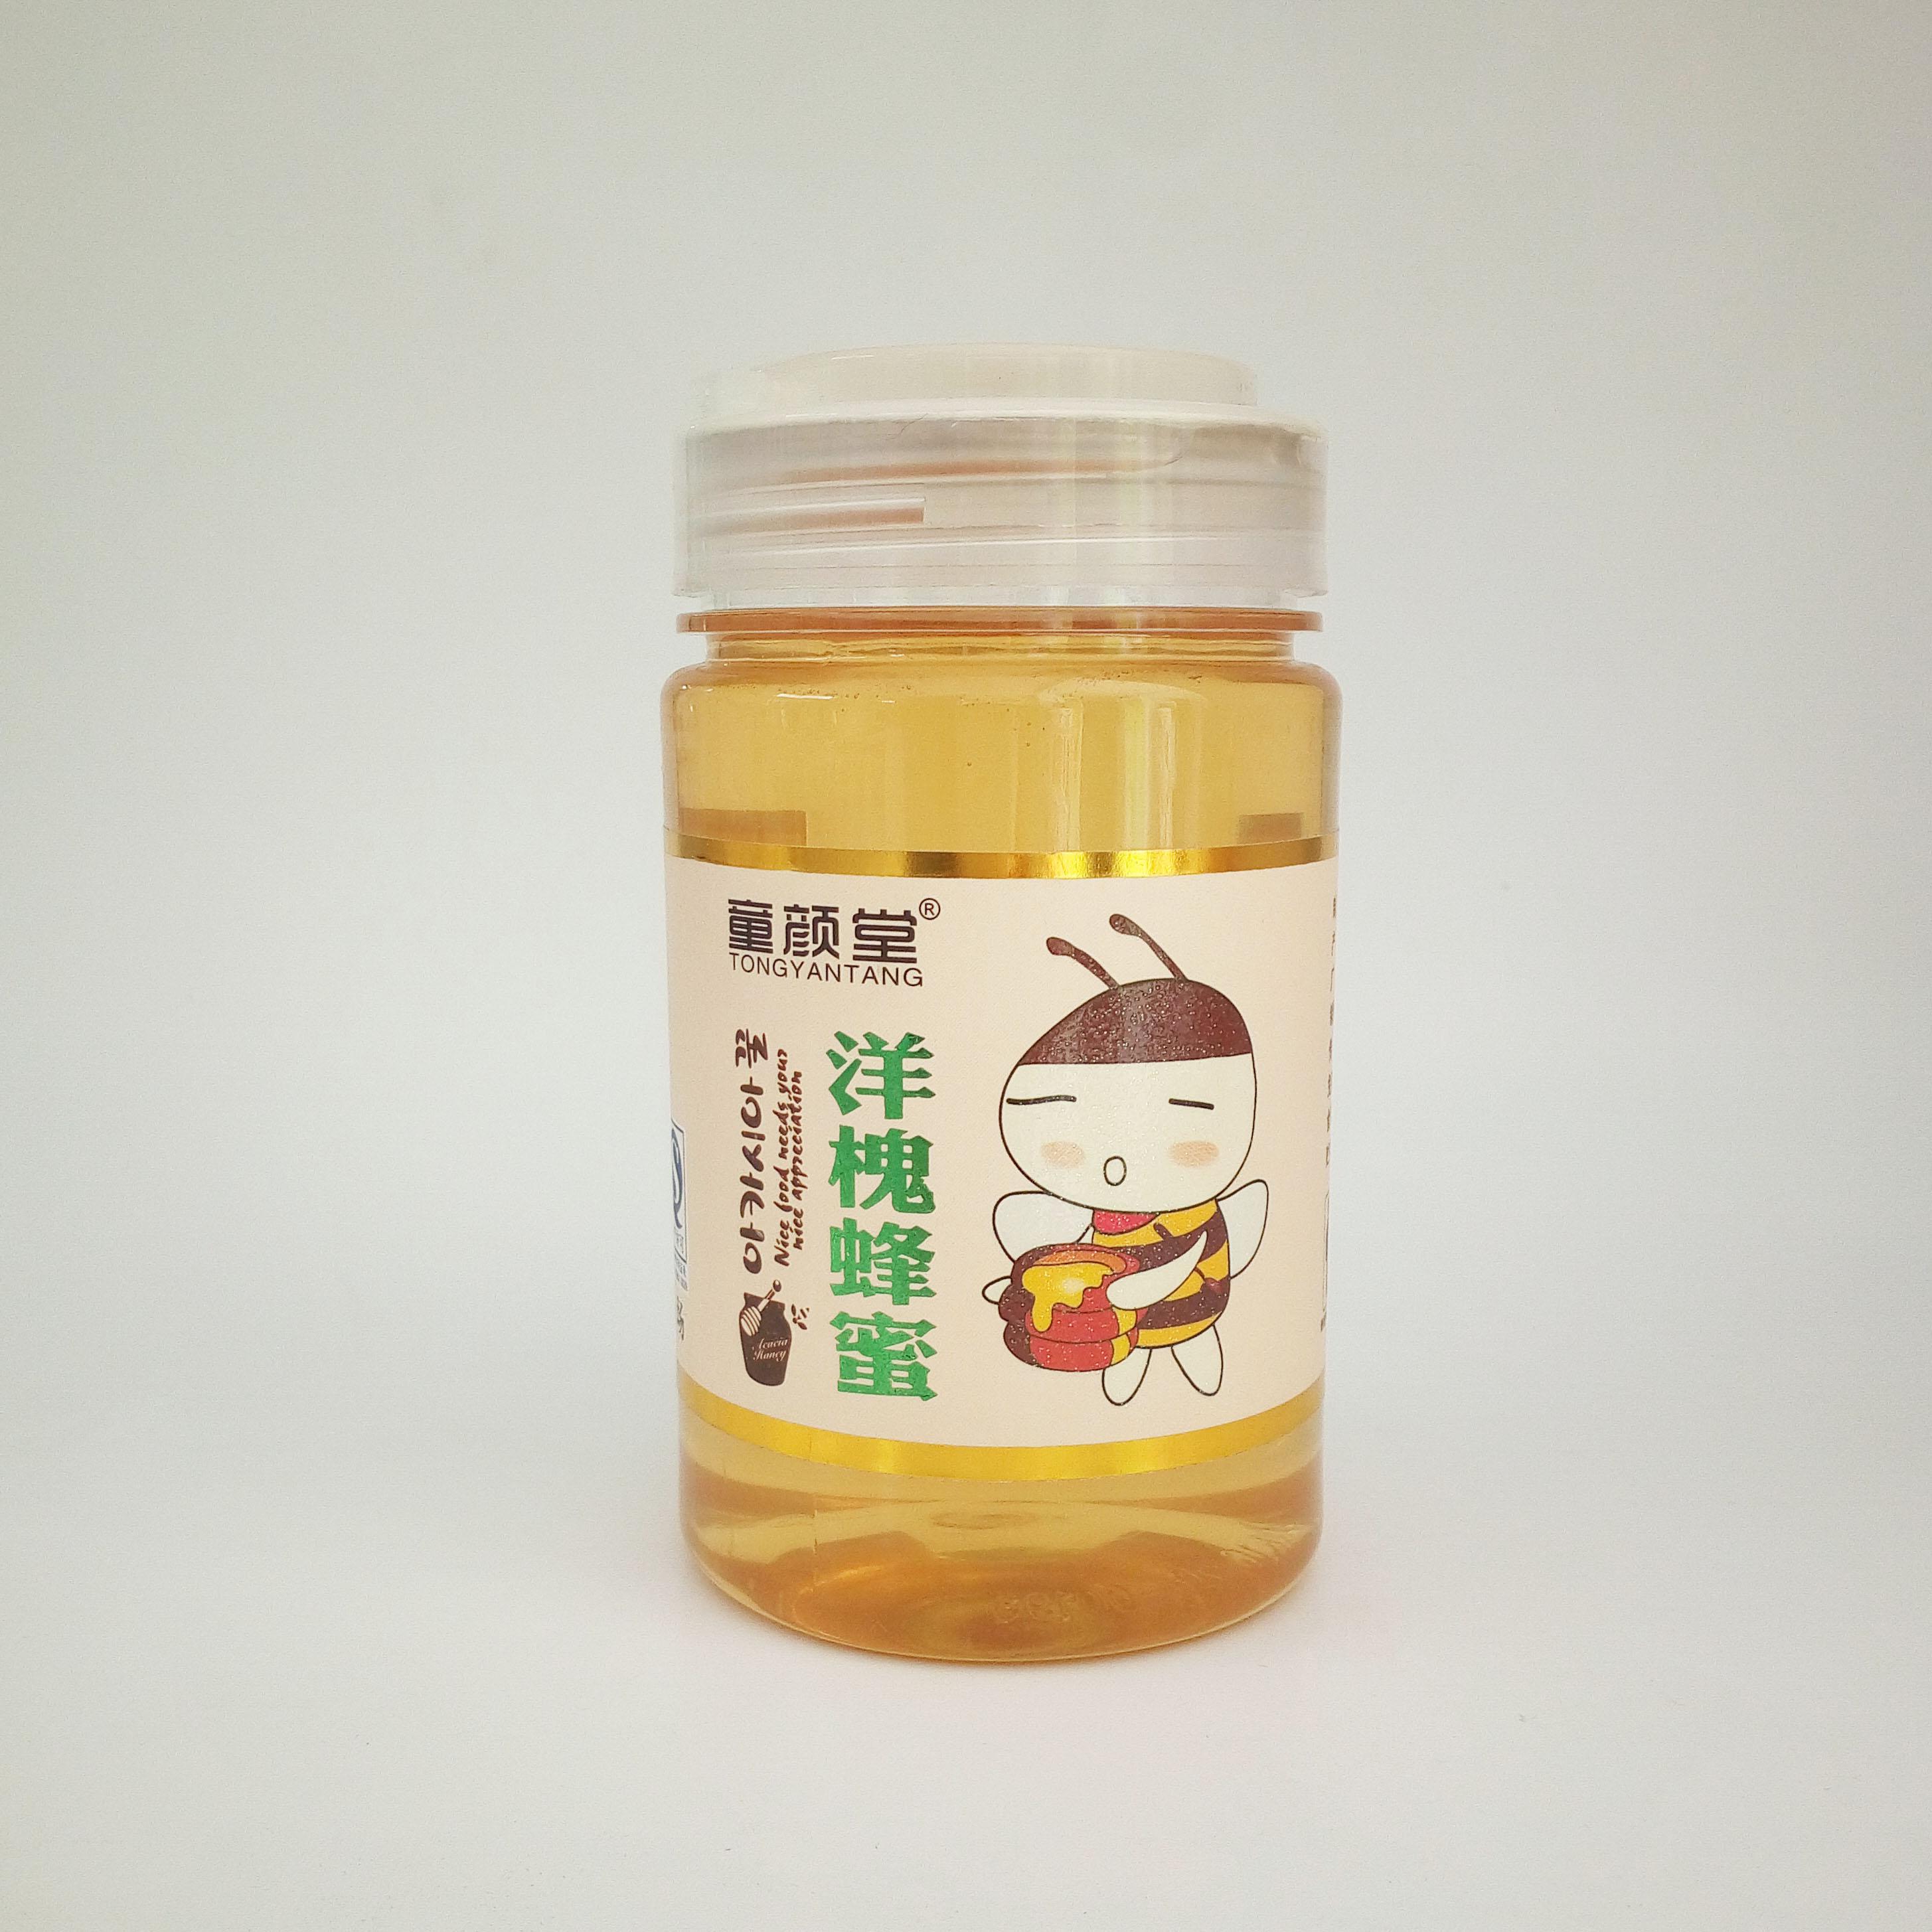 童颜堂洋槐蜂蜜